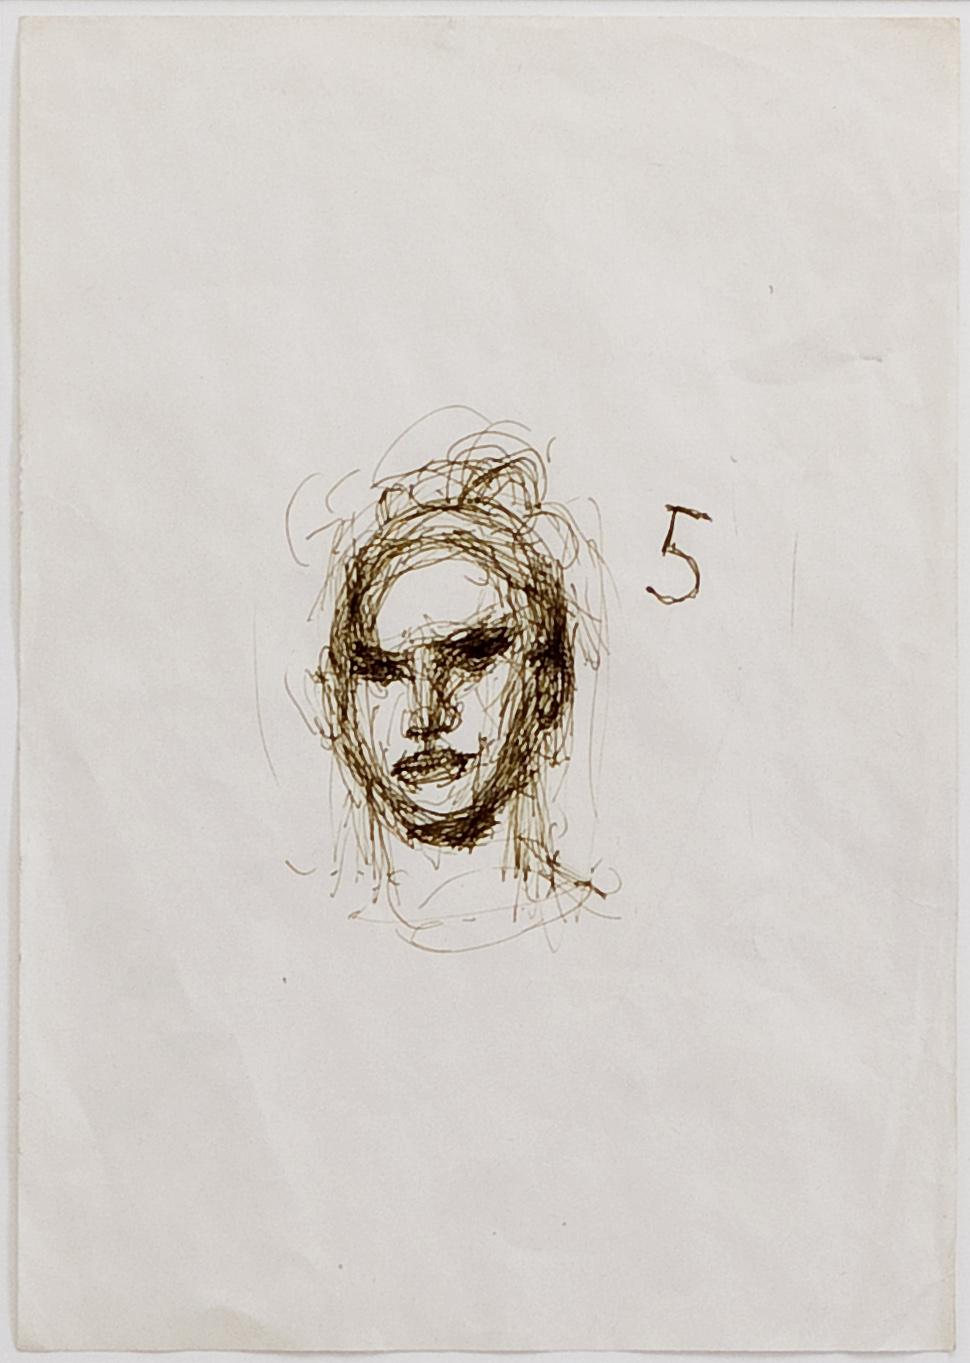 o.T. (Portrait) | 1994 | Filzstift auf Papier | 29,5 x 20,5 cm